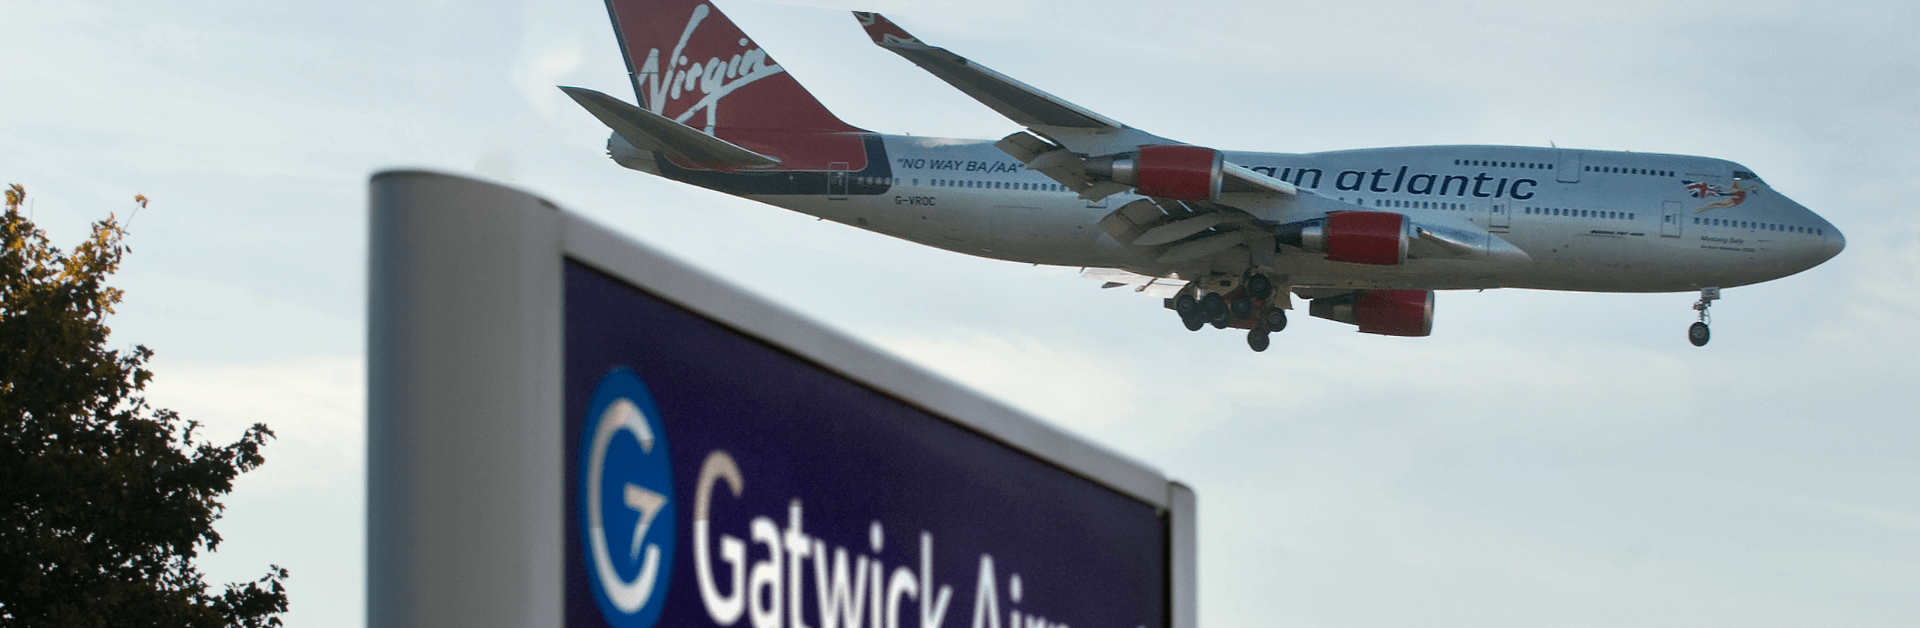 Gatwick Airport Chauffeurs